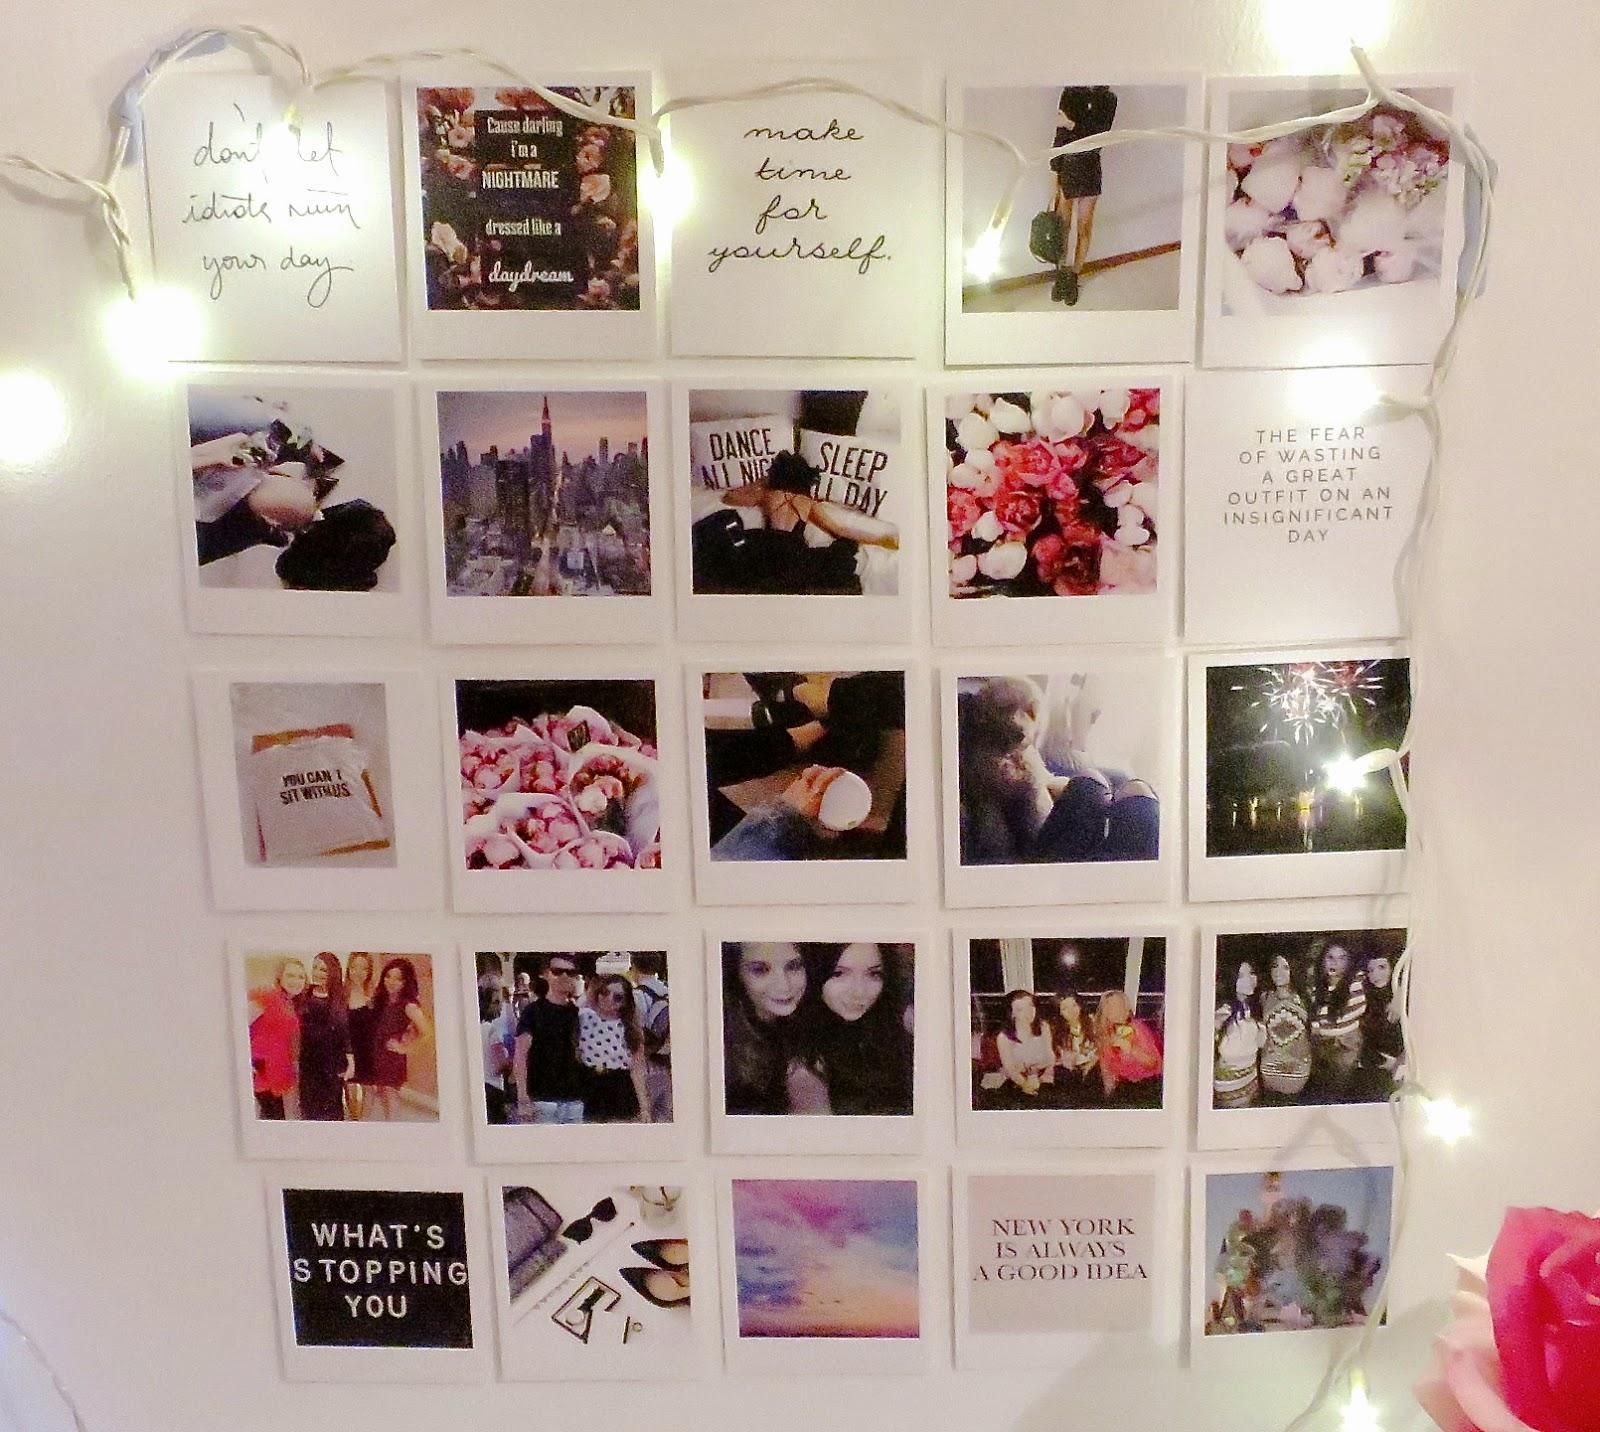 Polaroid wall on tumblr - My Tumblr Wall